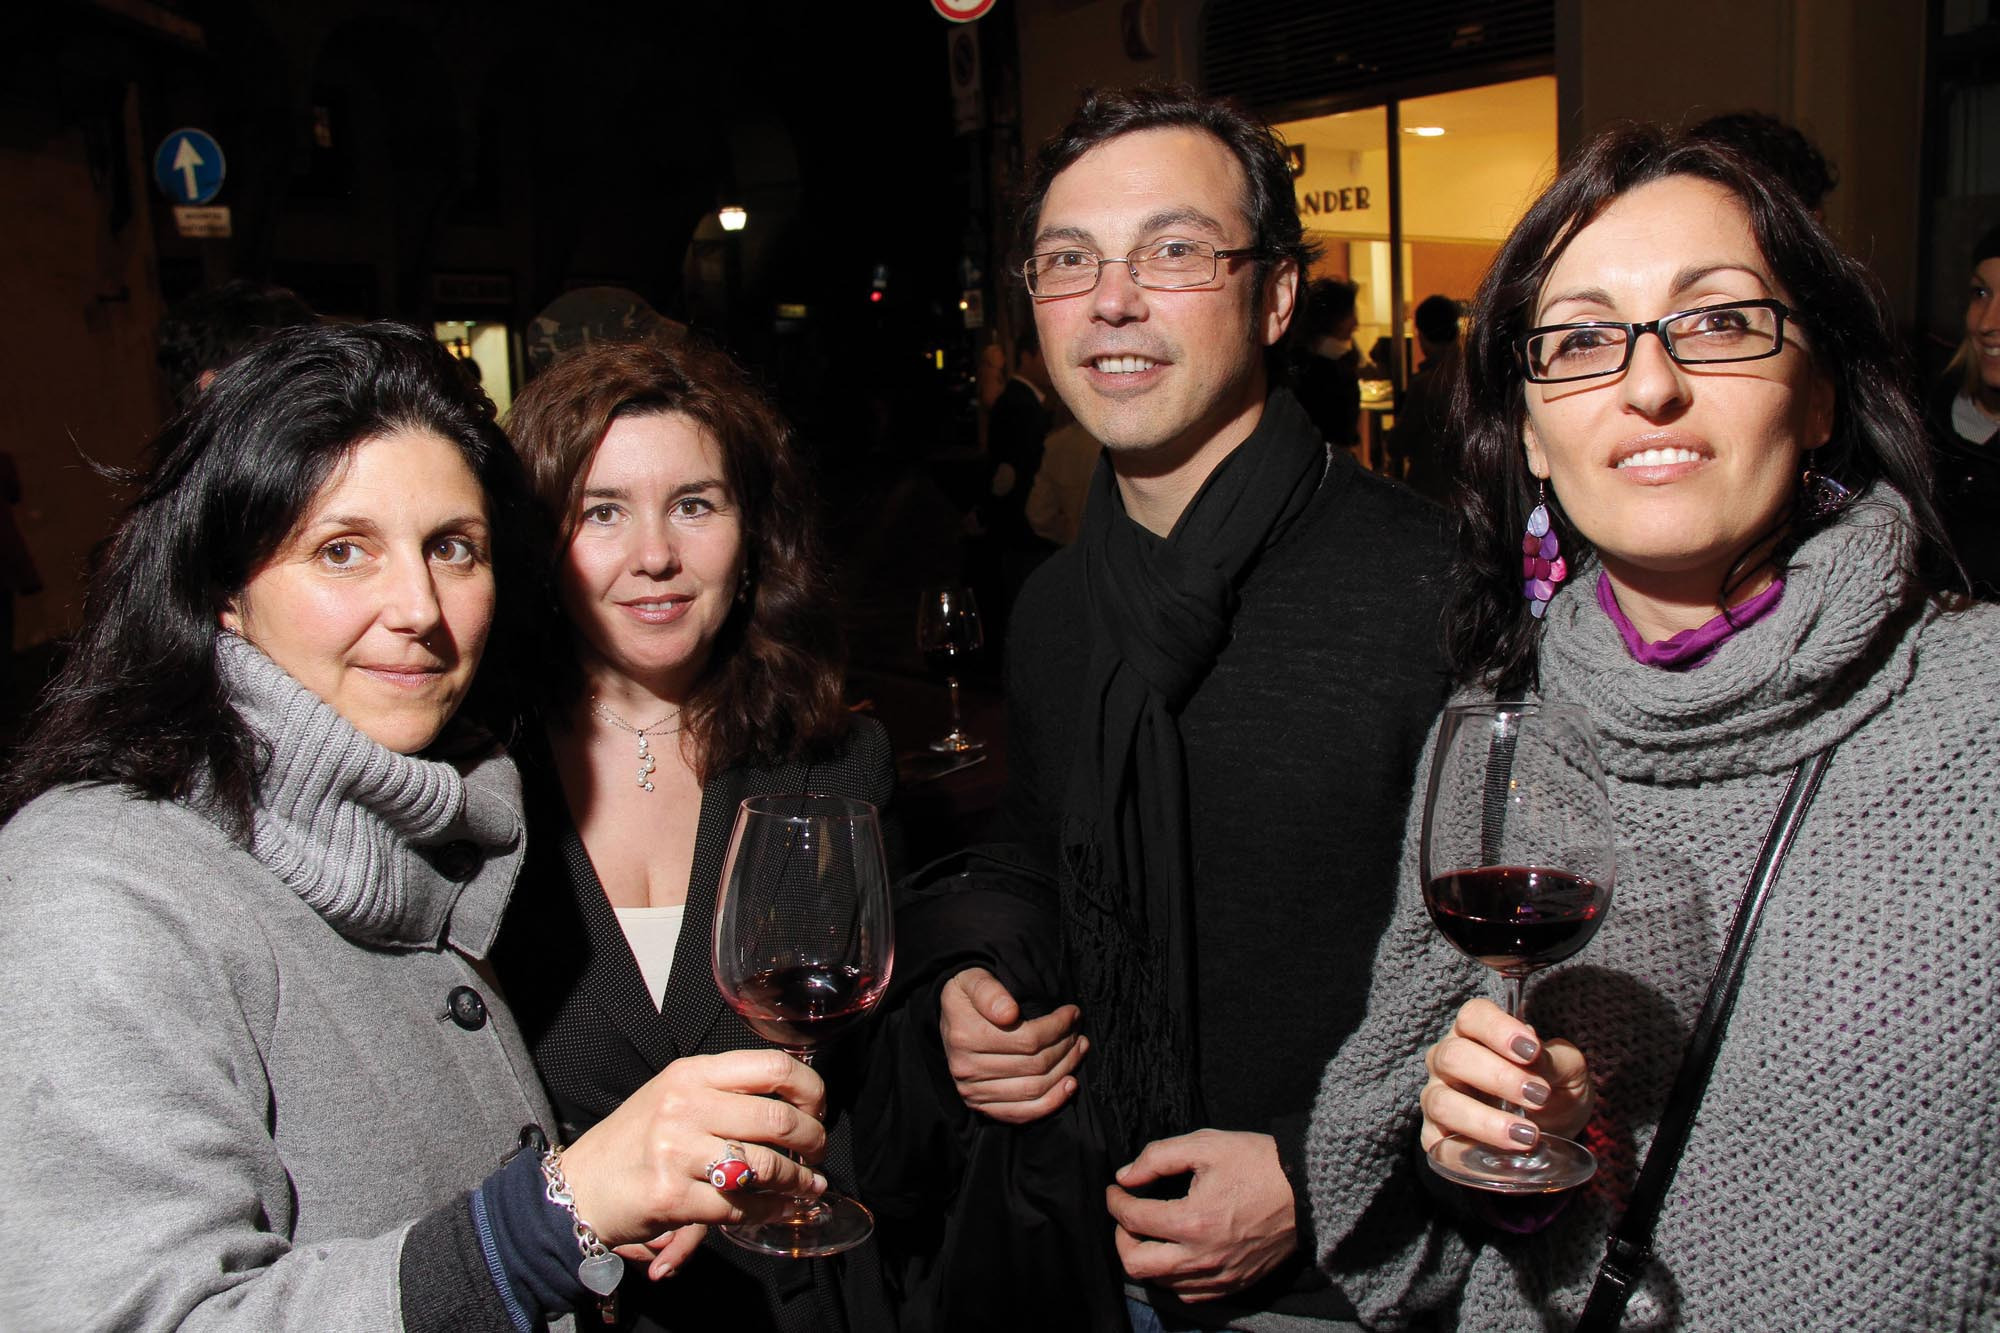 PRESSPHOTO Firenze, Boutique Alexander, via della Vigna Nuova. Stefania e Filippo Rocchi, Daniela Mugnai e Francesca Lucchese.